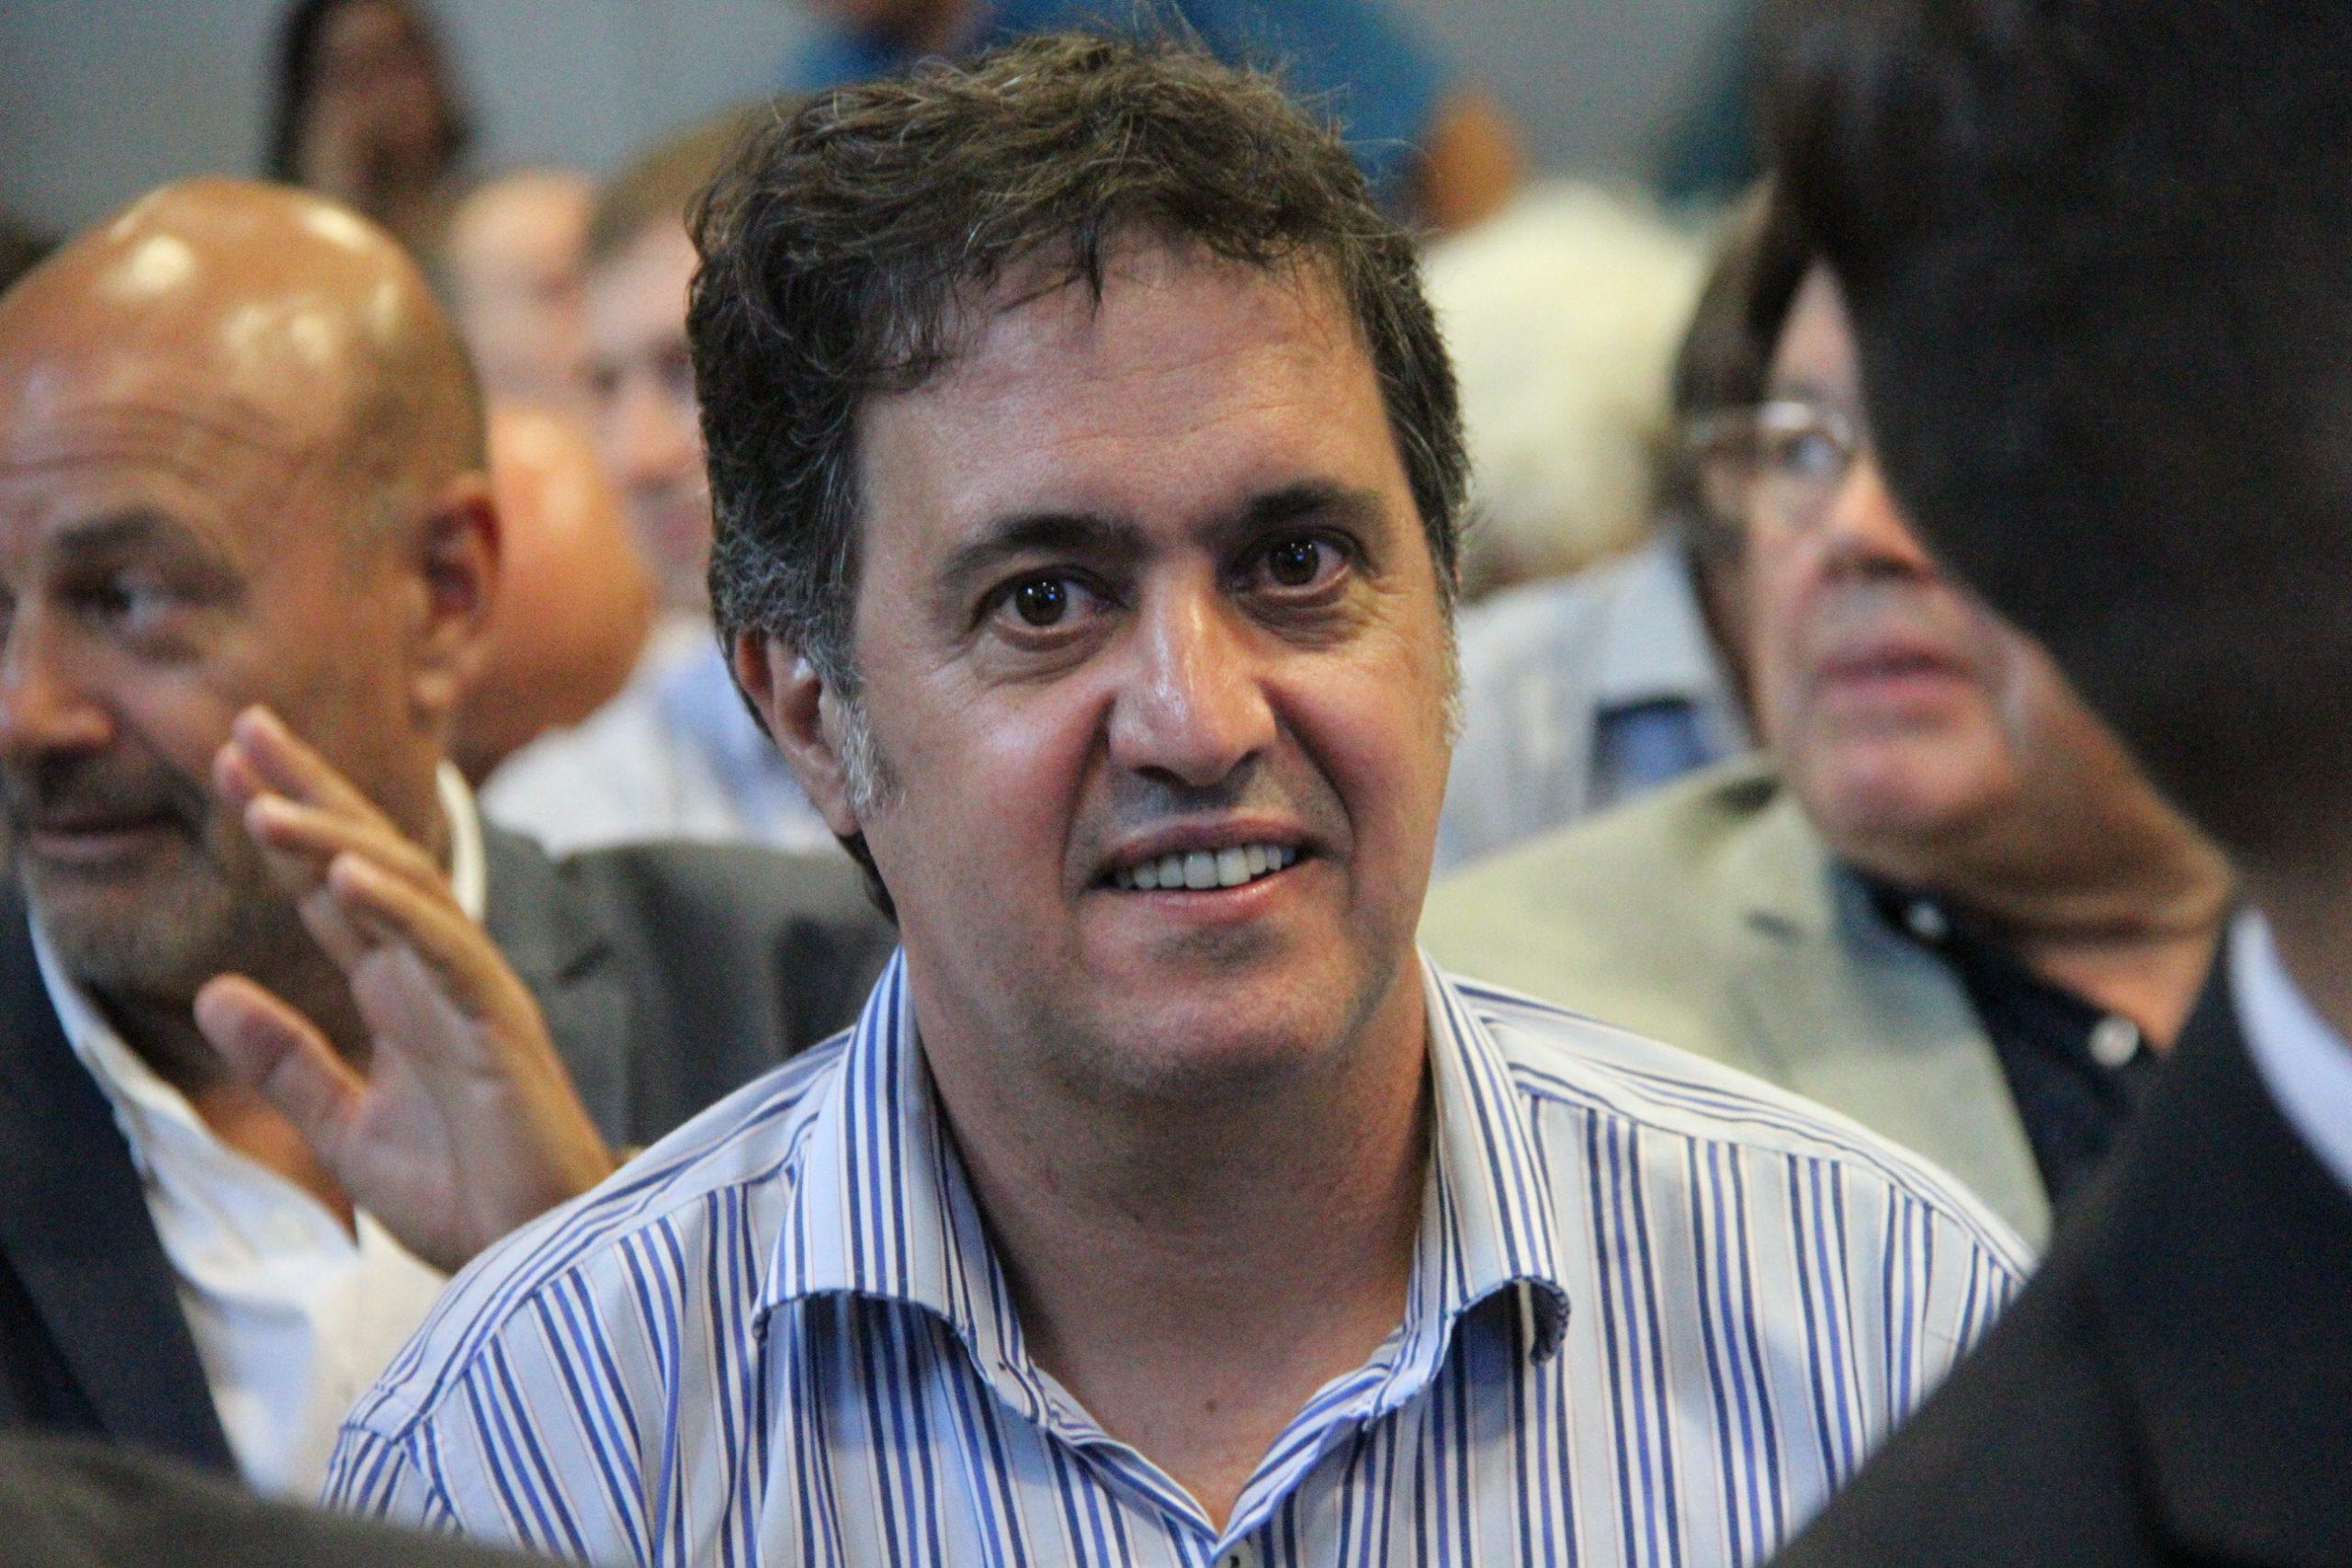 El diputado Martín Balsa repudió la defensa de la dictadura de un dirigente radical de Guatraché